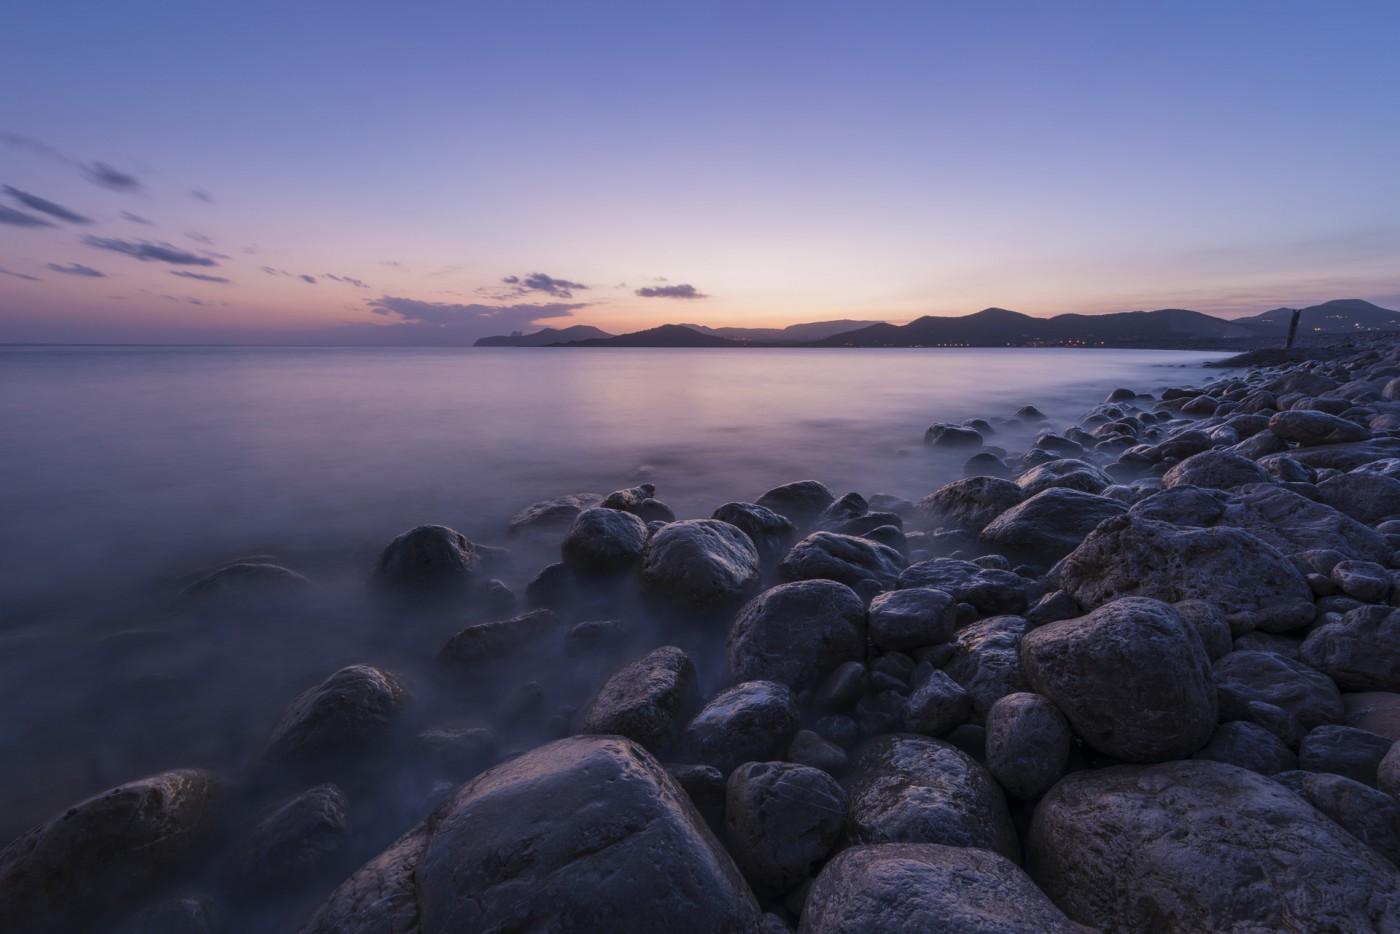 Balearic seascape